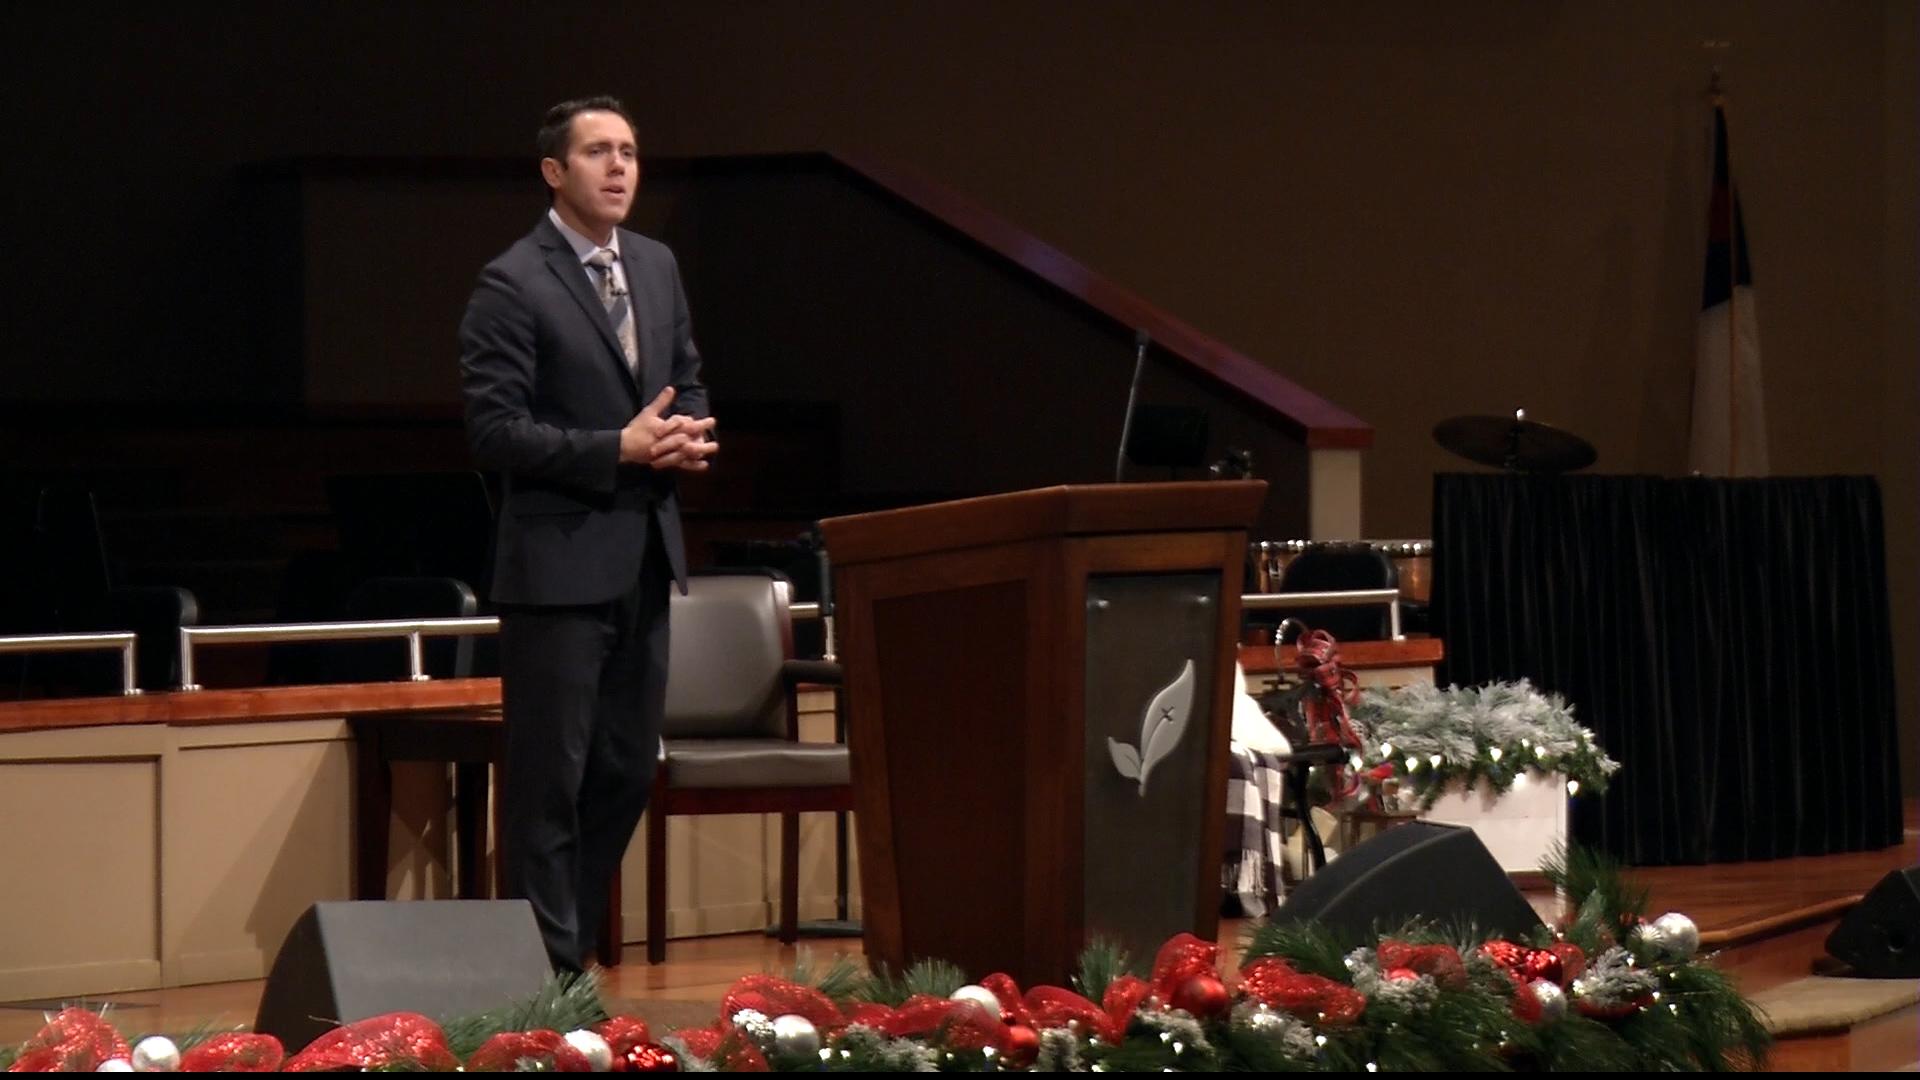 Thomas Shepherd: A Season of Praise